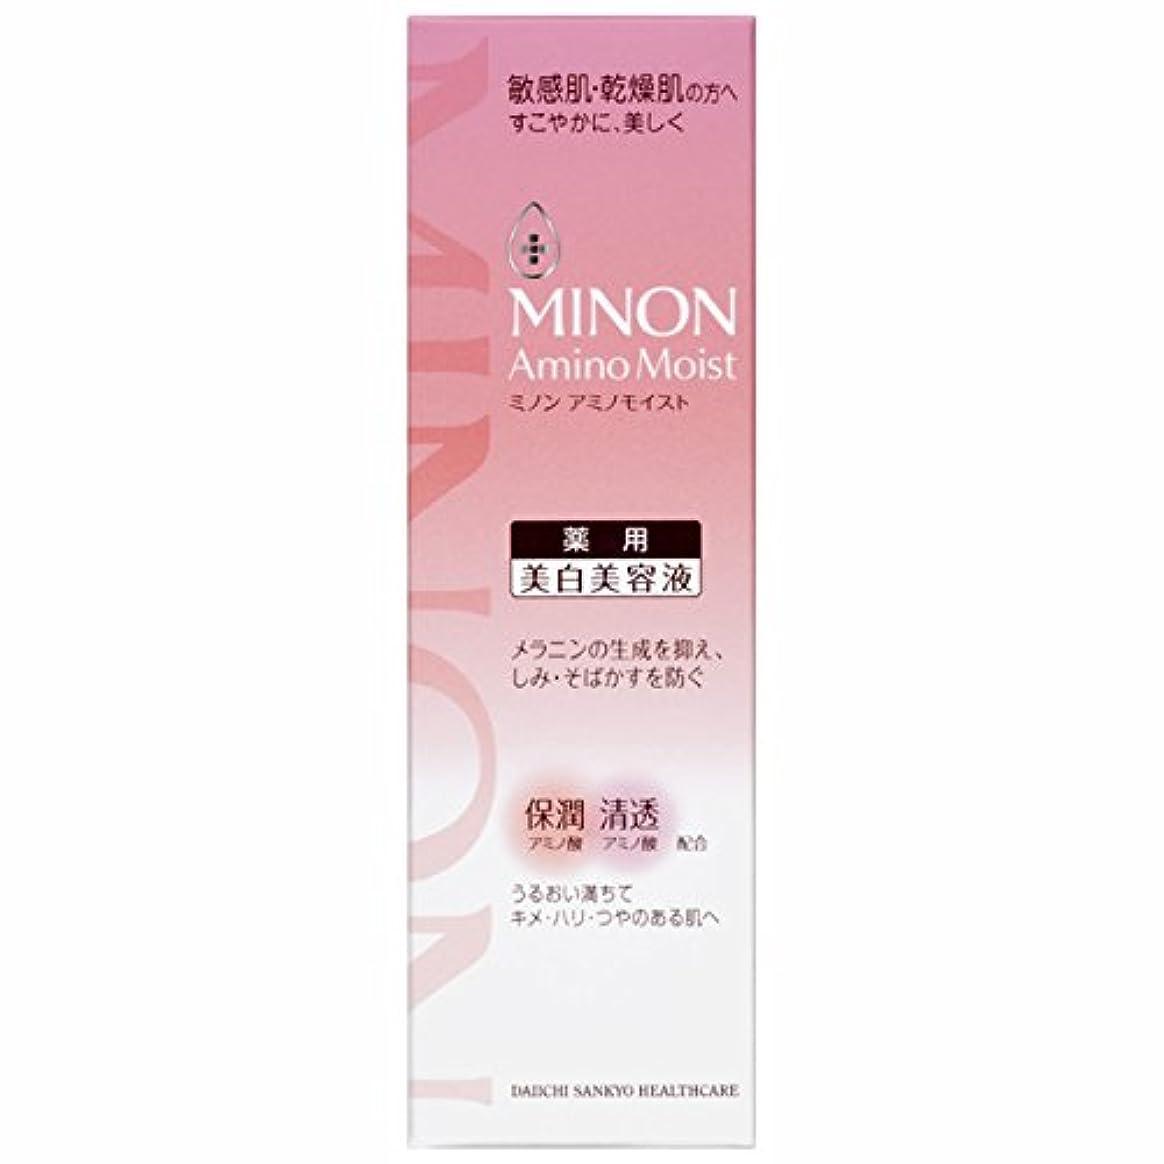 より平らなボルト寛容ミノン アミノモイスト 薬用マイルド ホワイトニング 30g (医薬部外品)